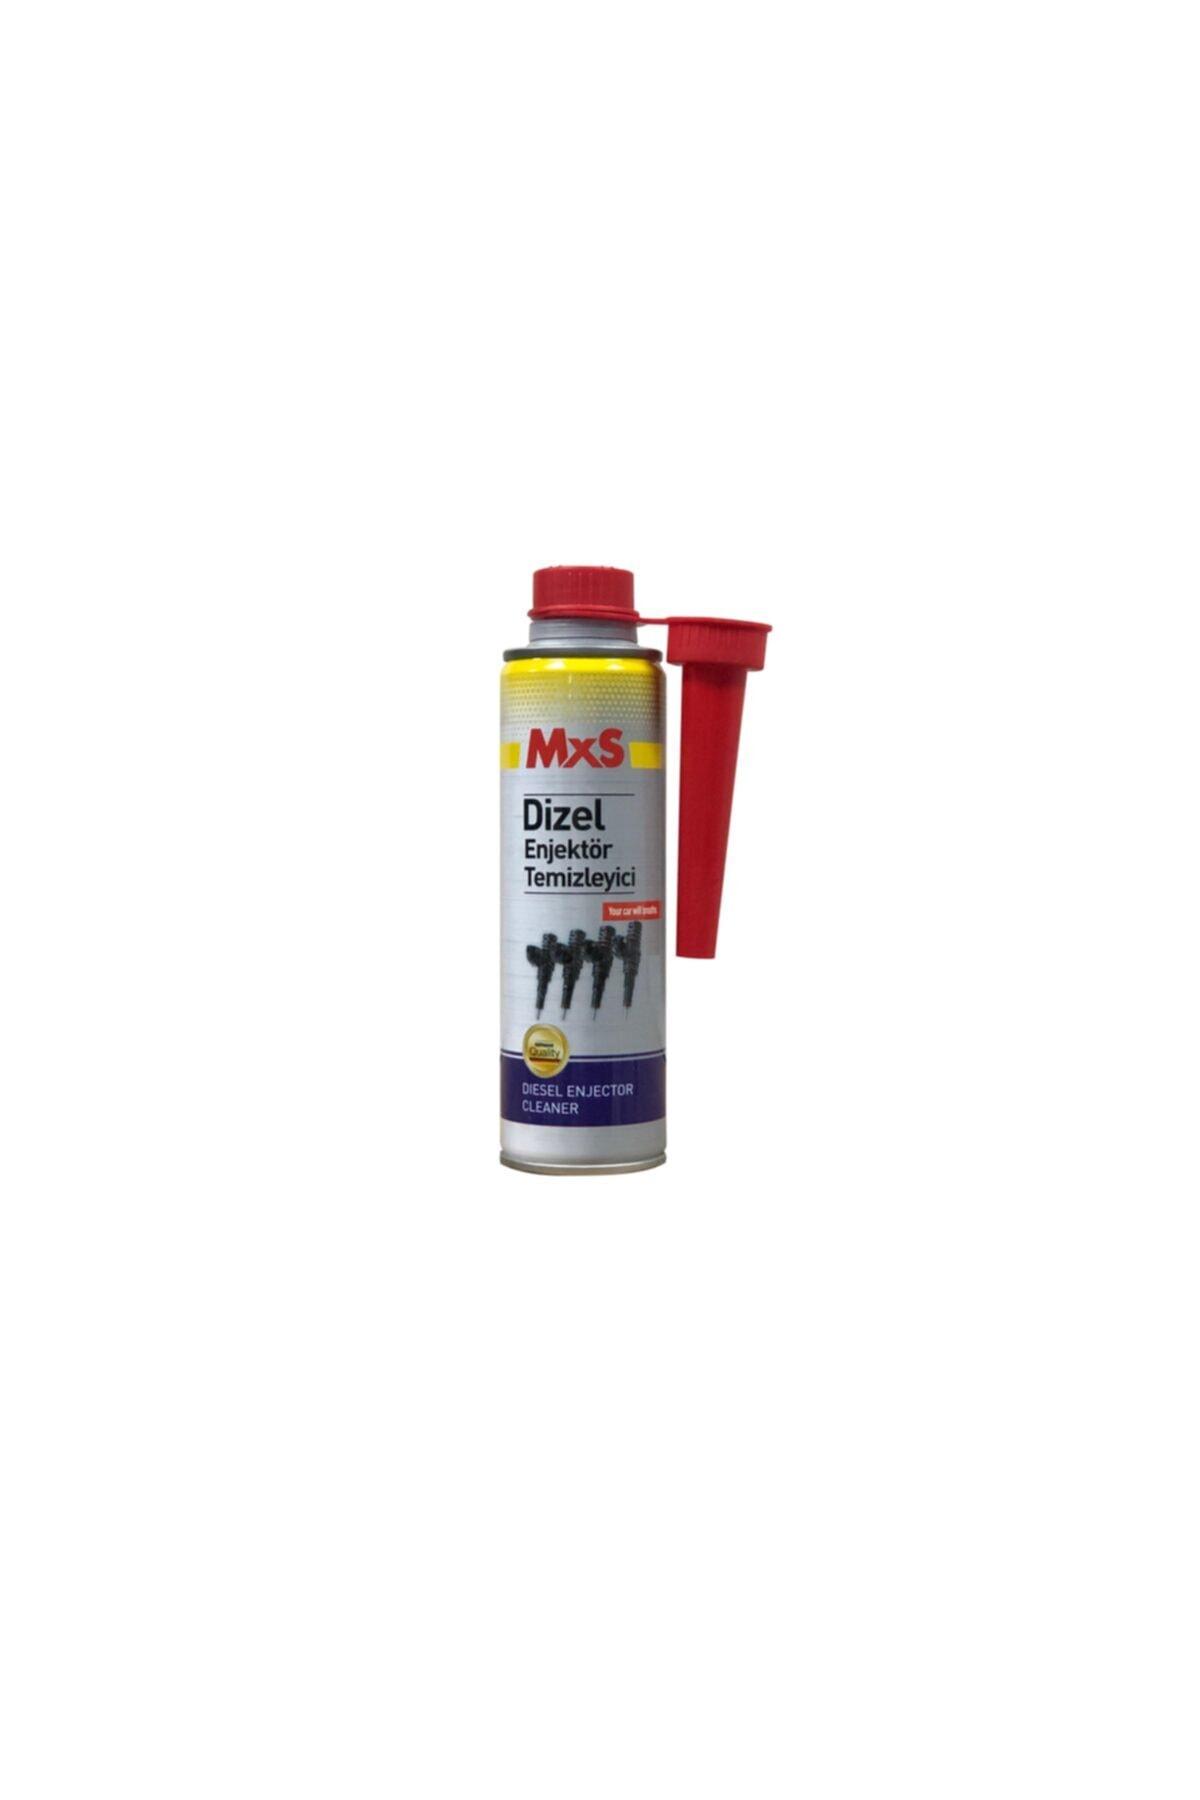 MxS Dizel Enjektör Ve Pompa Temizleyici 300 Ml 1